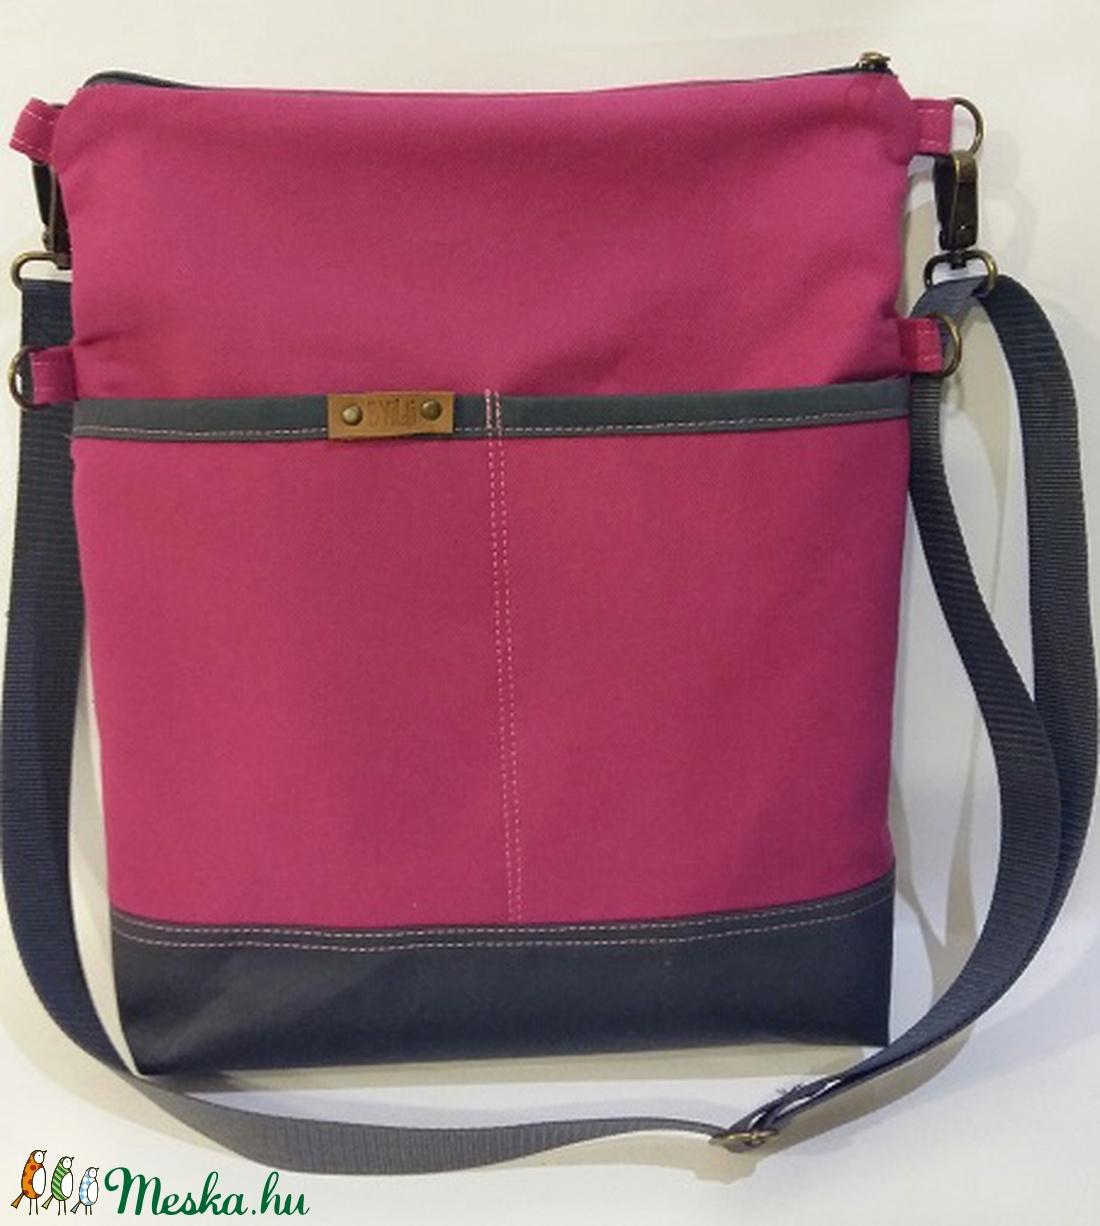 Táska Válltáska ipad táska rózsaszín vászontáska sötétszürke állítható  hevederrel (BYildi) - Meska.hu 485c5614bb